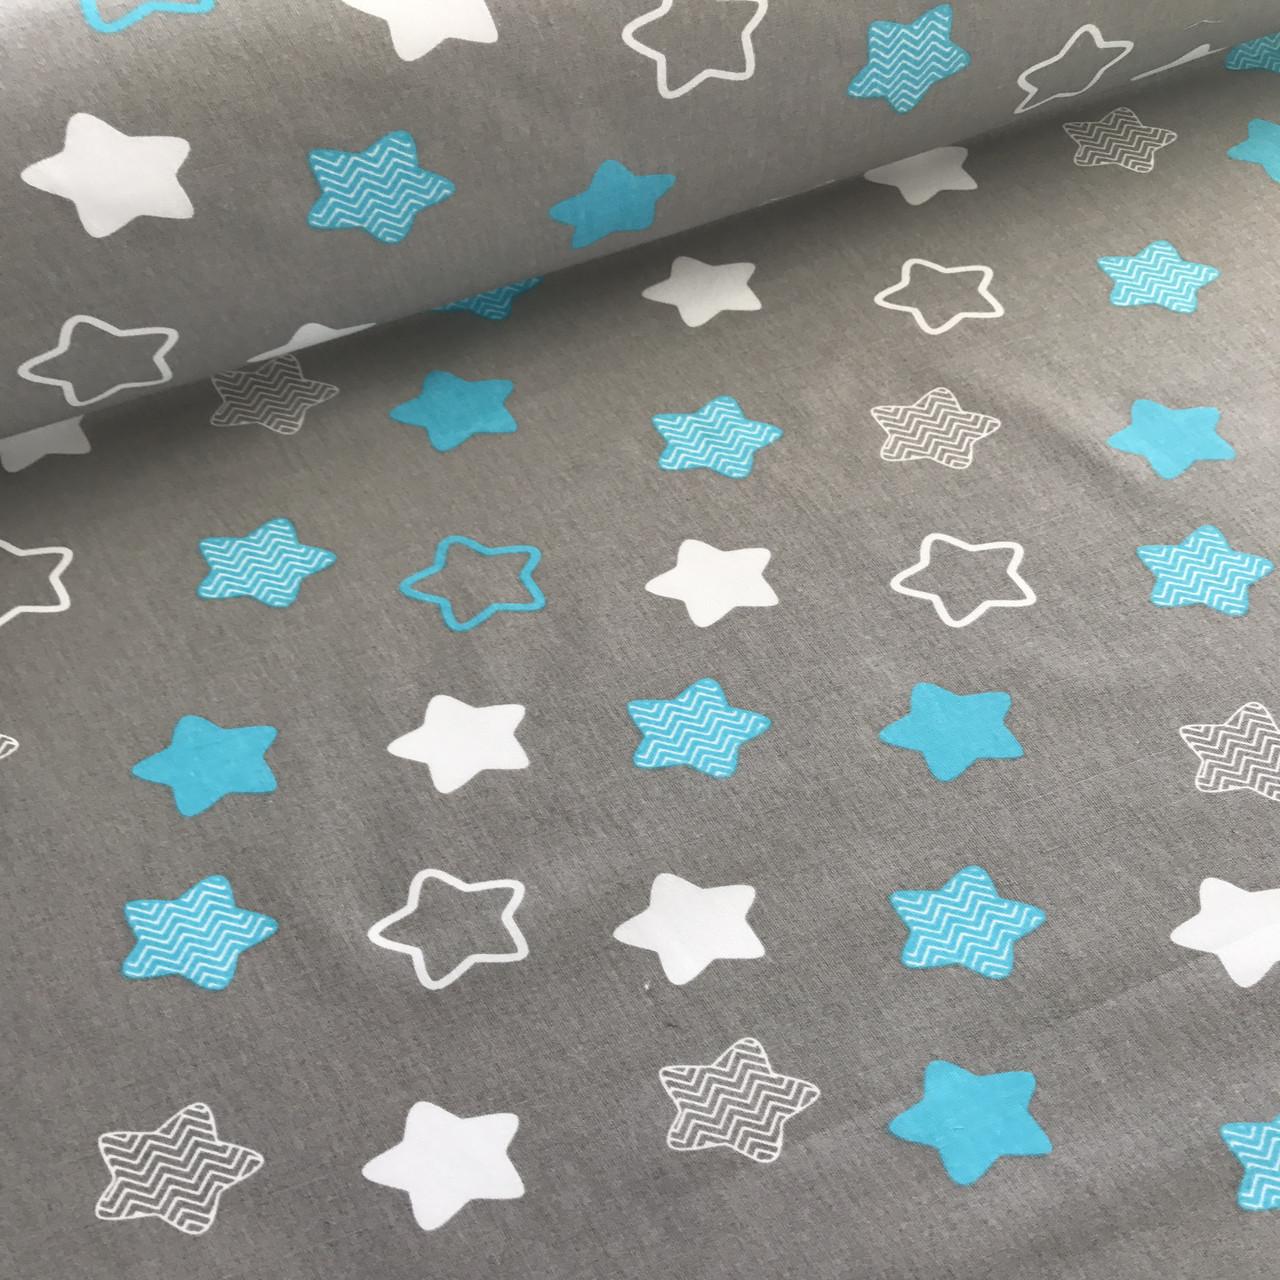 Хлопковая ткань бязь звезды (пряники) белые, бирюзовые, серые с зигзагами внутри на сером   №23